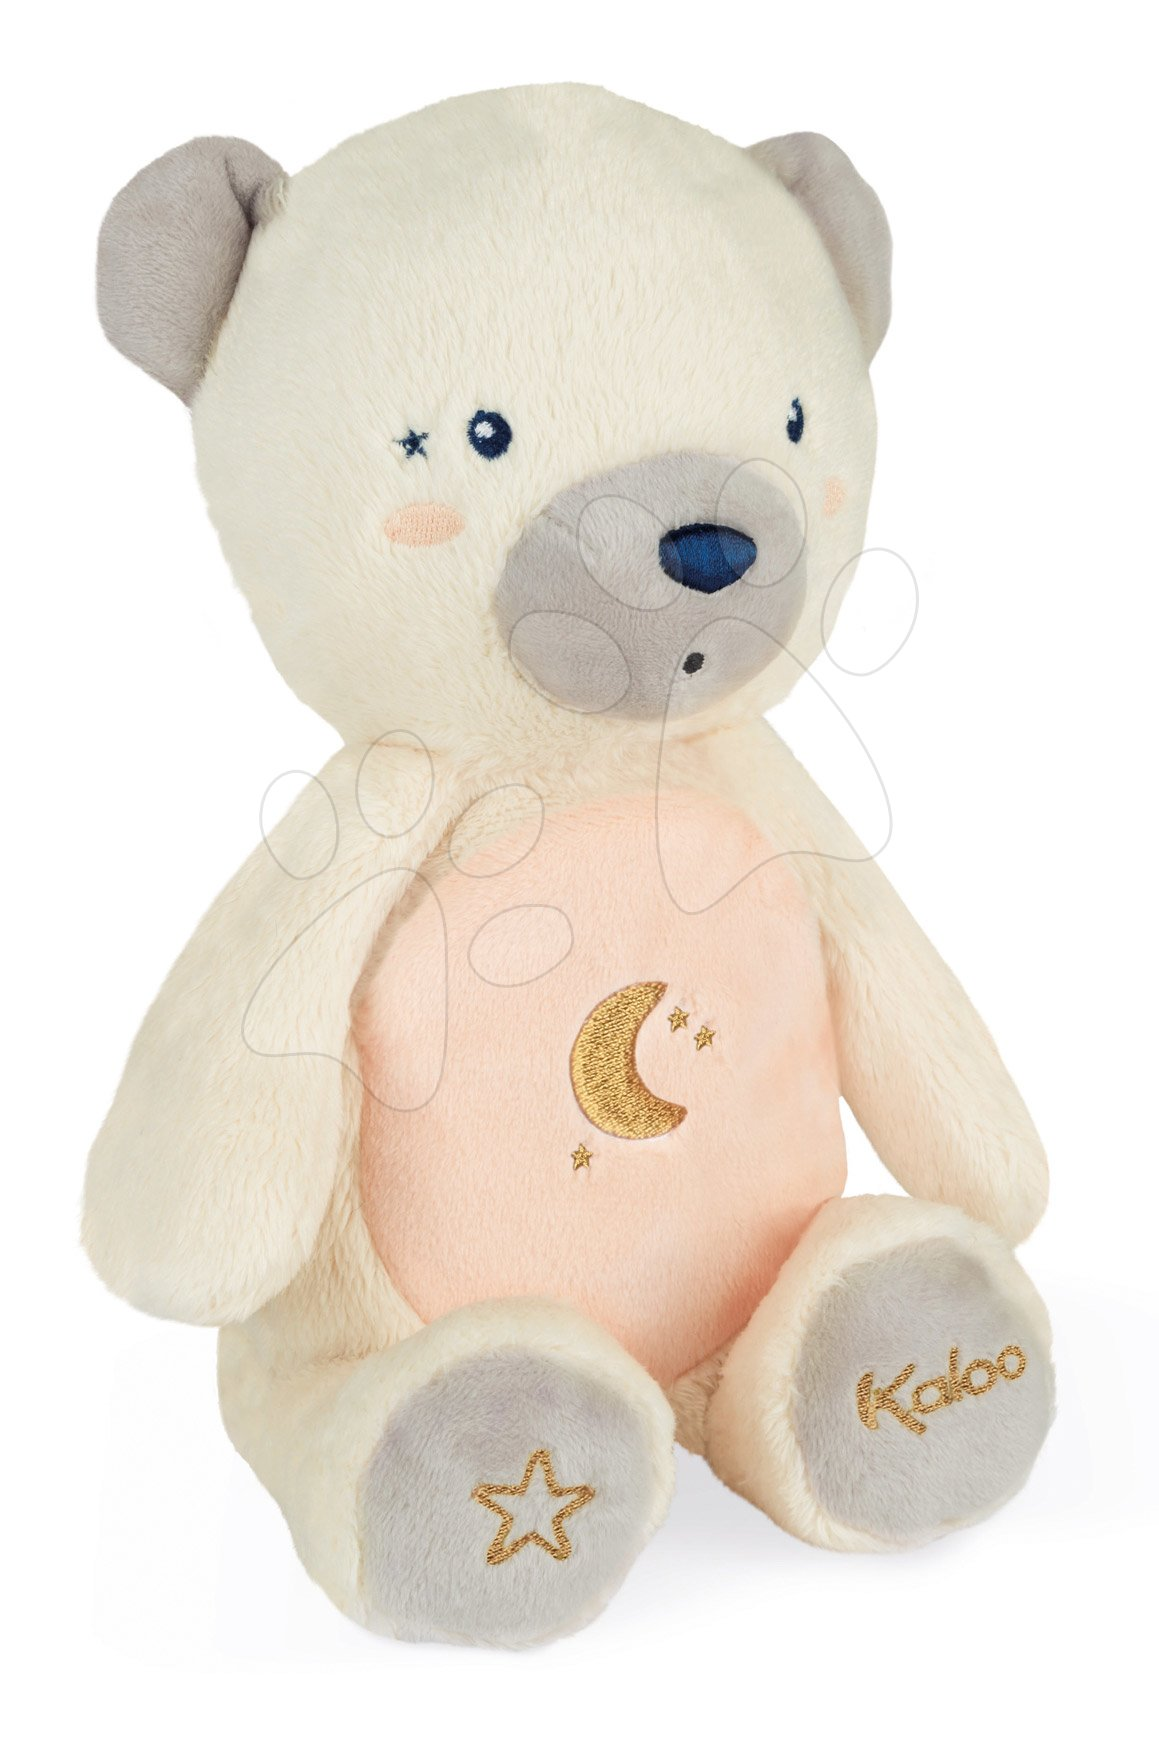 Plyšový medvěd noční světlo My Bear Nightlight Home Kaloo šedo-krémový 22 cm se světlem z jemného plyše od 3 měsíců